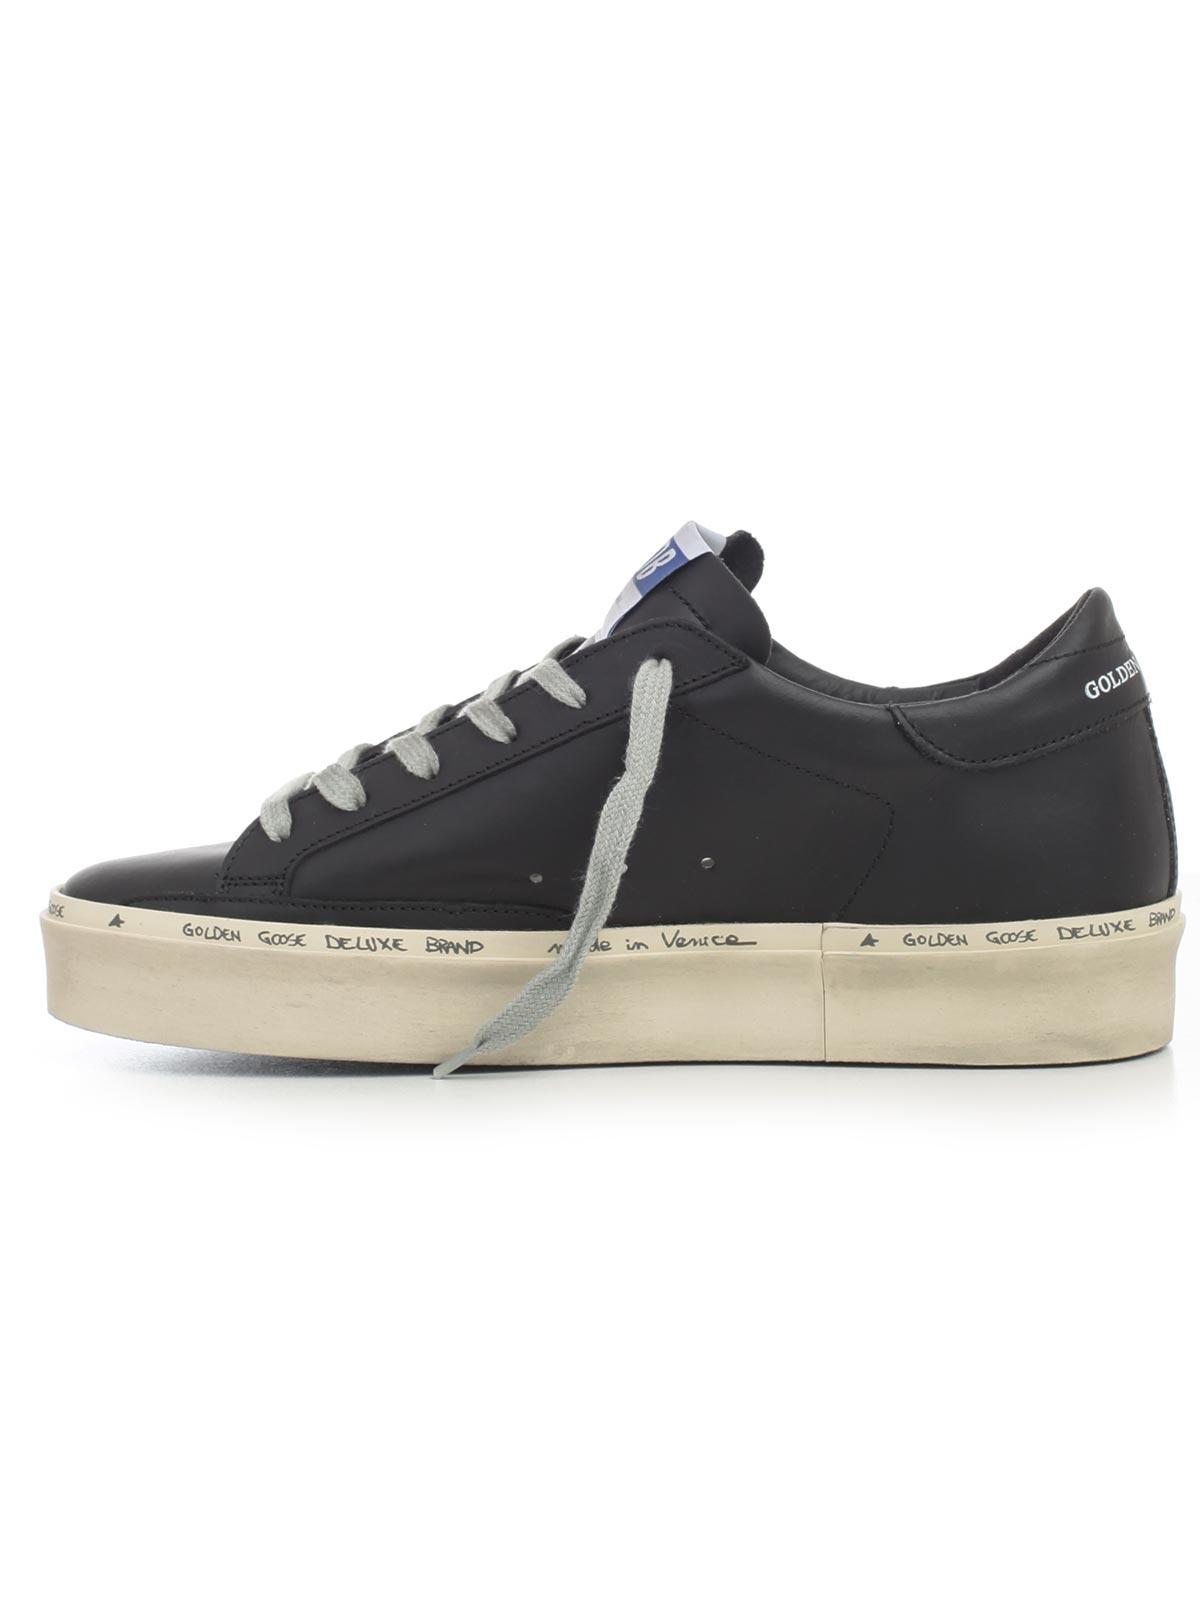 Picture of Golden Goose Deluxe Brand Footwear